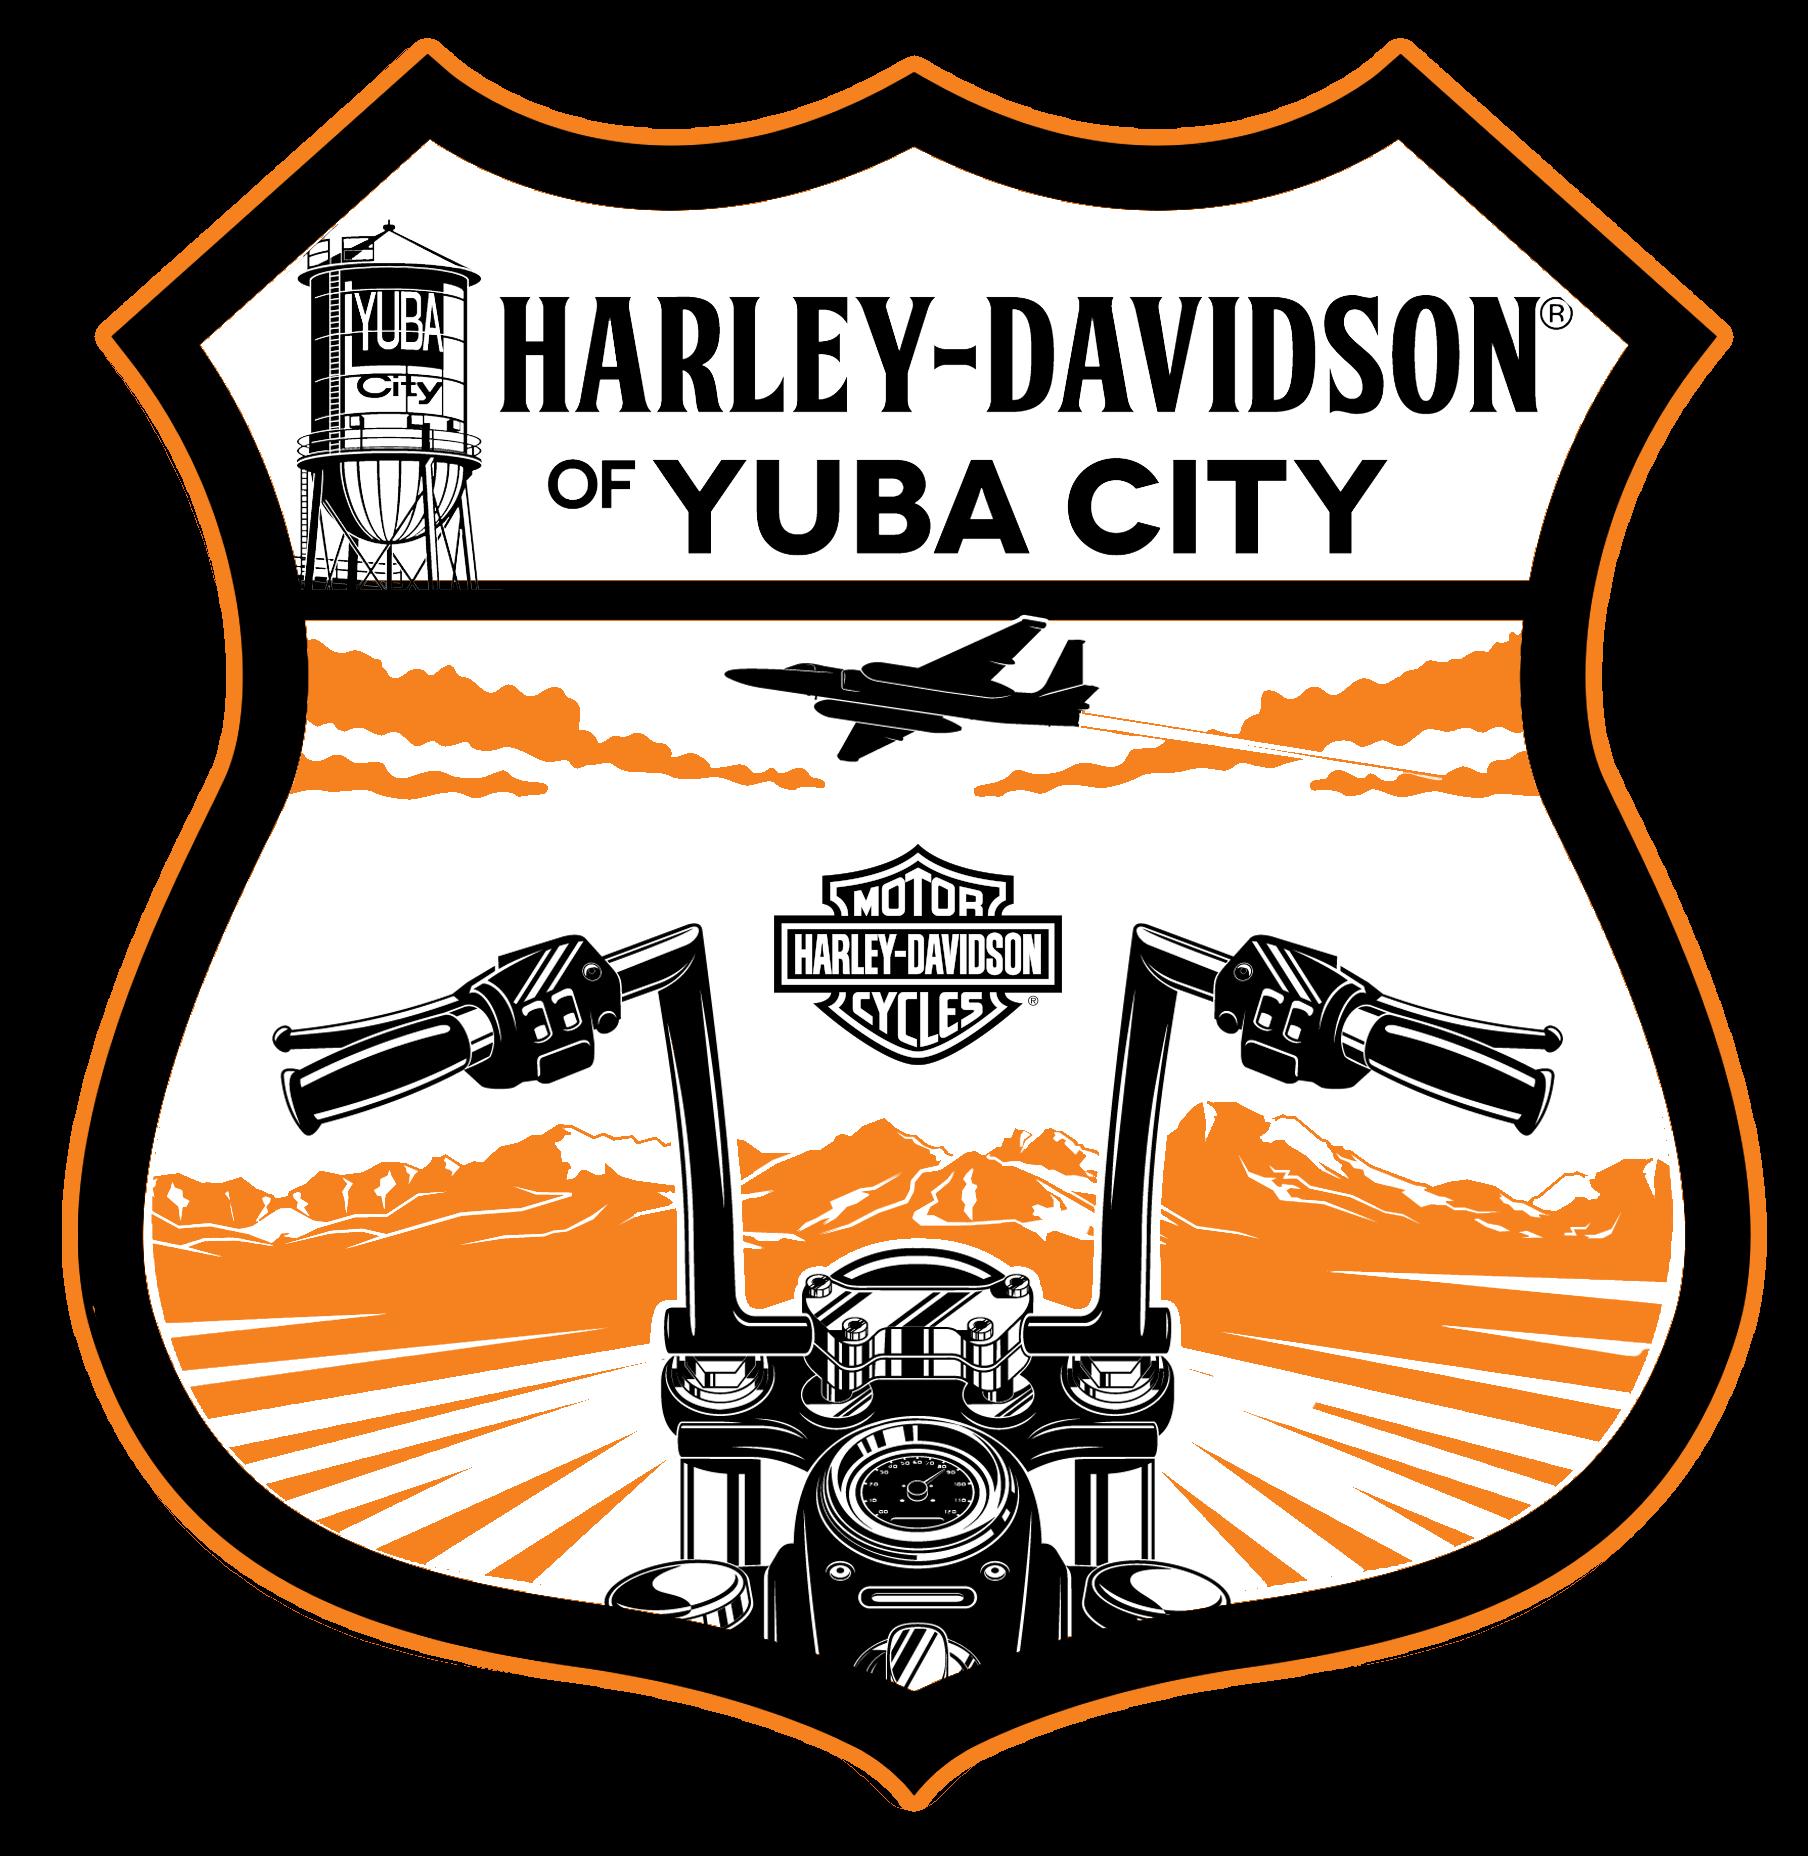 H-D OF YUBA CITY